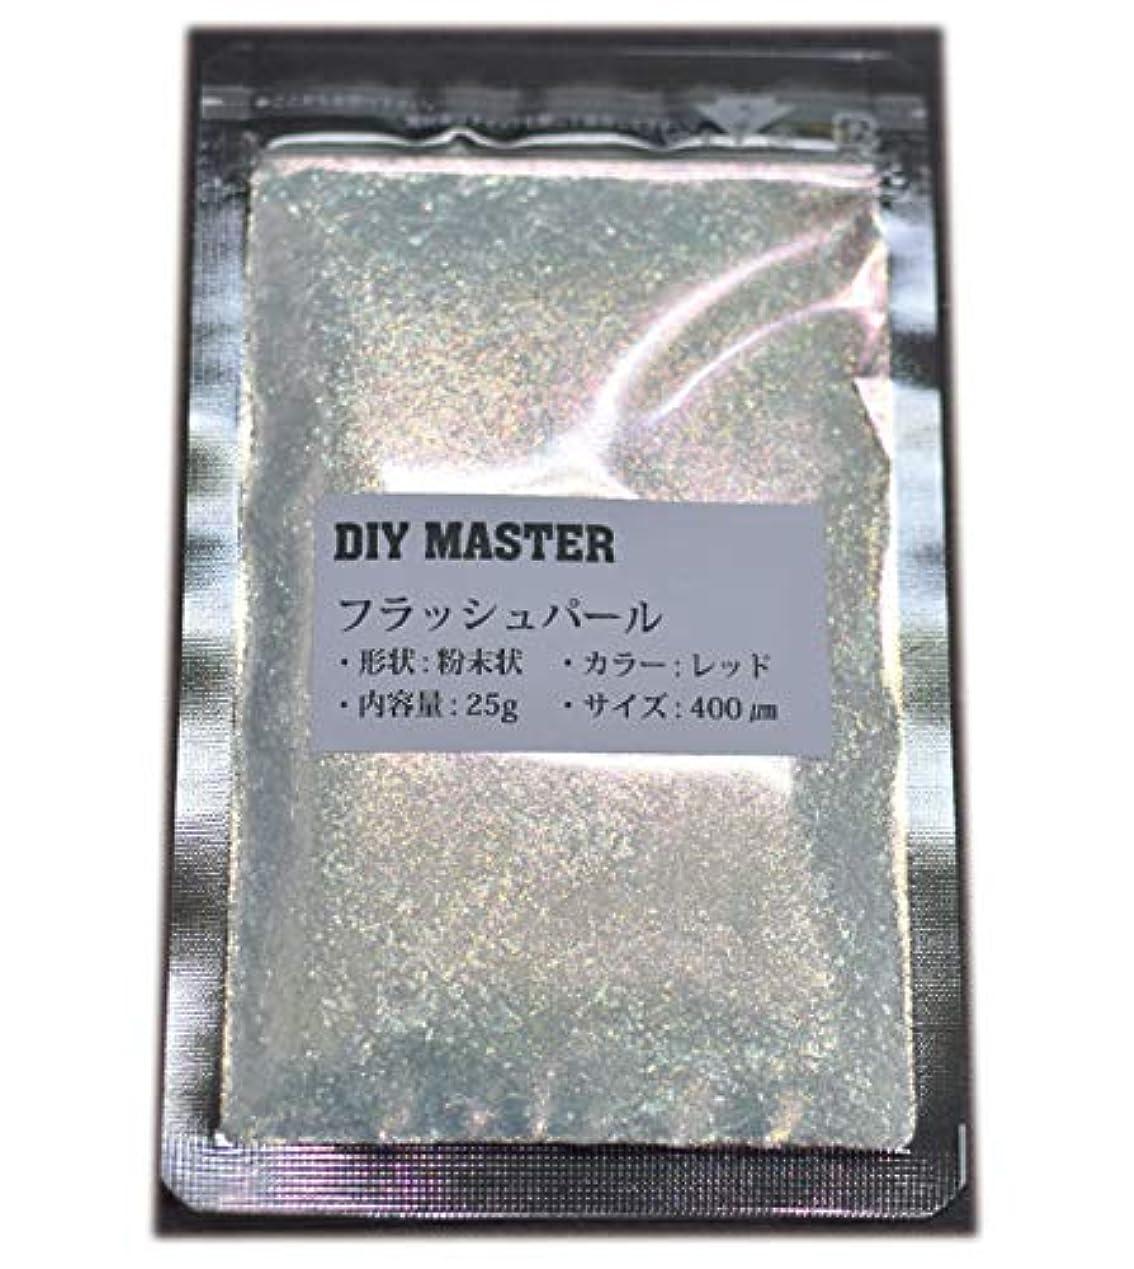 サンダー寺院干渉するDIY MASTER フラッシュパール レッド 25g (極粗目、ドライ)